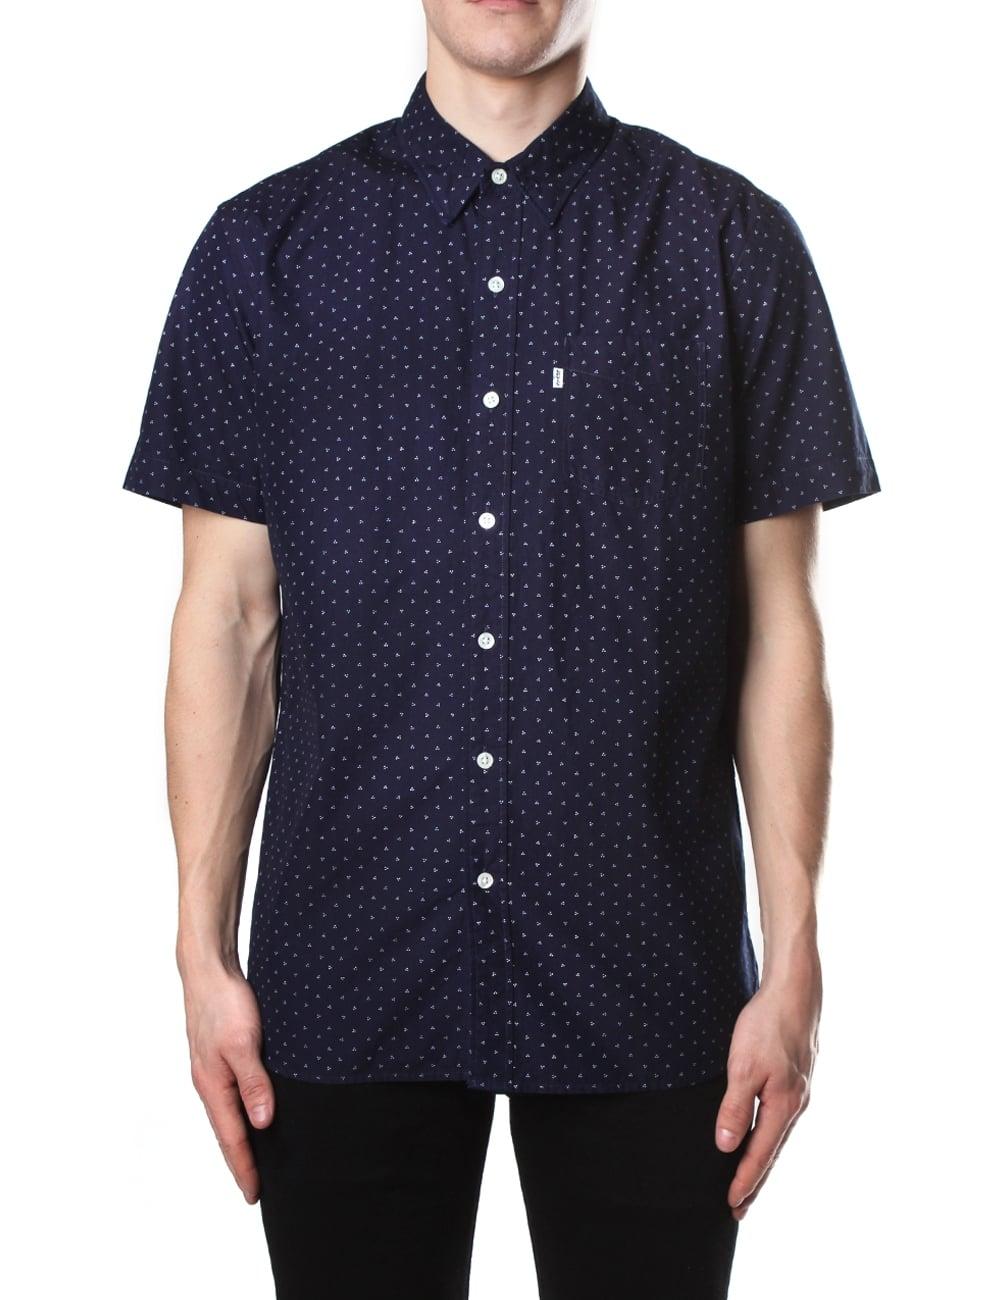 d7a295499 Levi's Short Sleeve Men's Sunset One Pocket Shirt